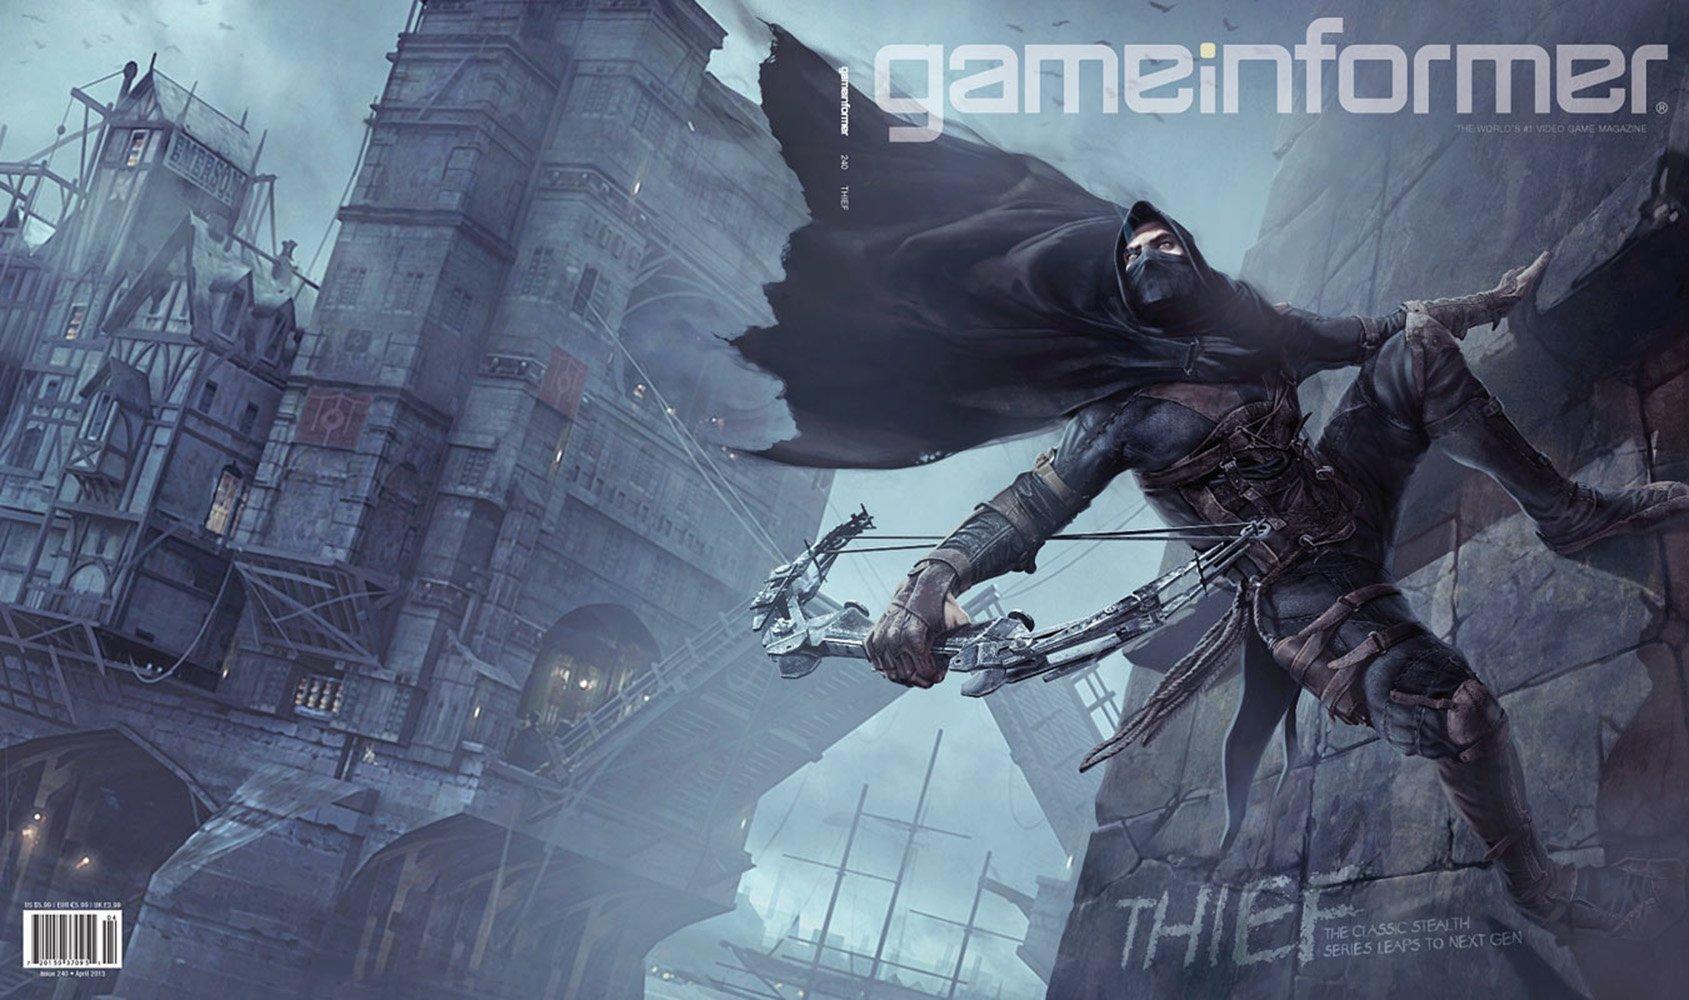 Game Informer Issue 240 April 2013 full